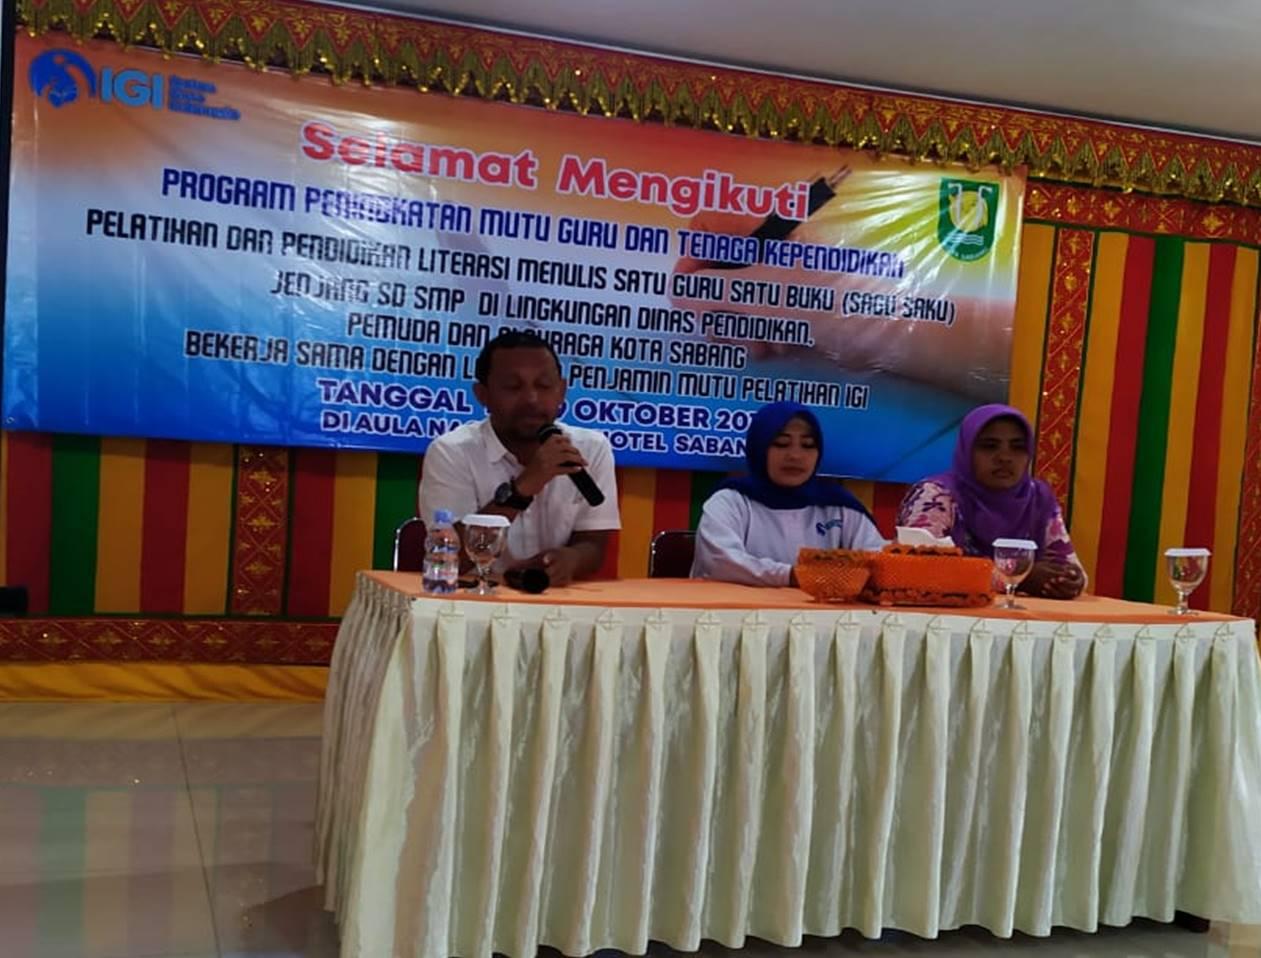 Fitriadi bersama Nurbadriyah dan perwakilan peserta saat menutup kegiatan